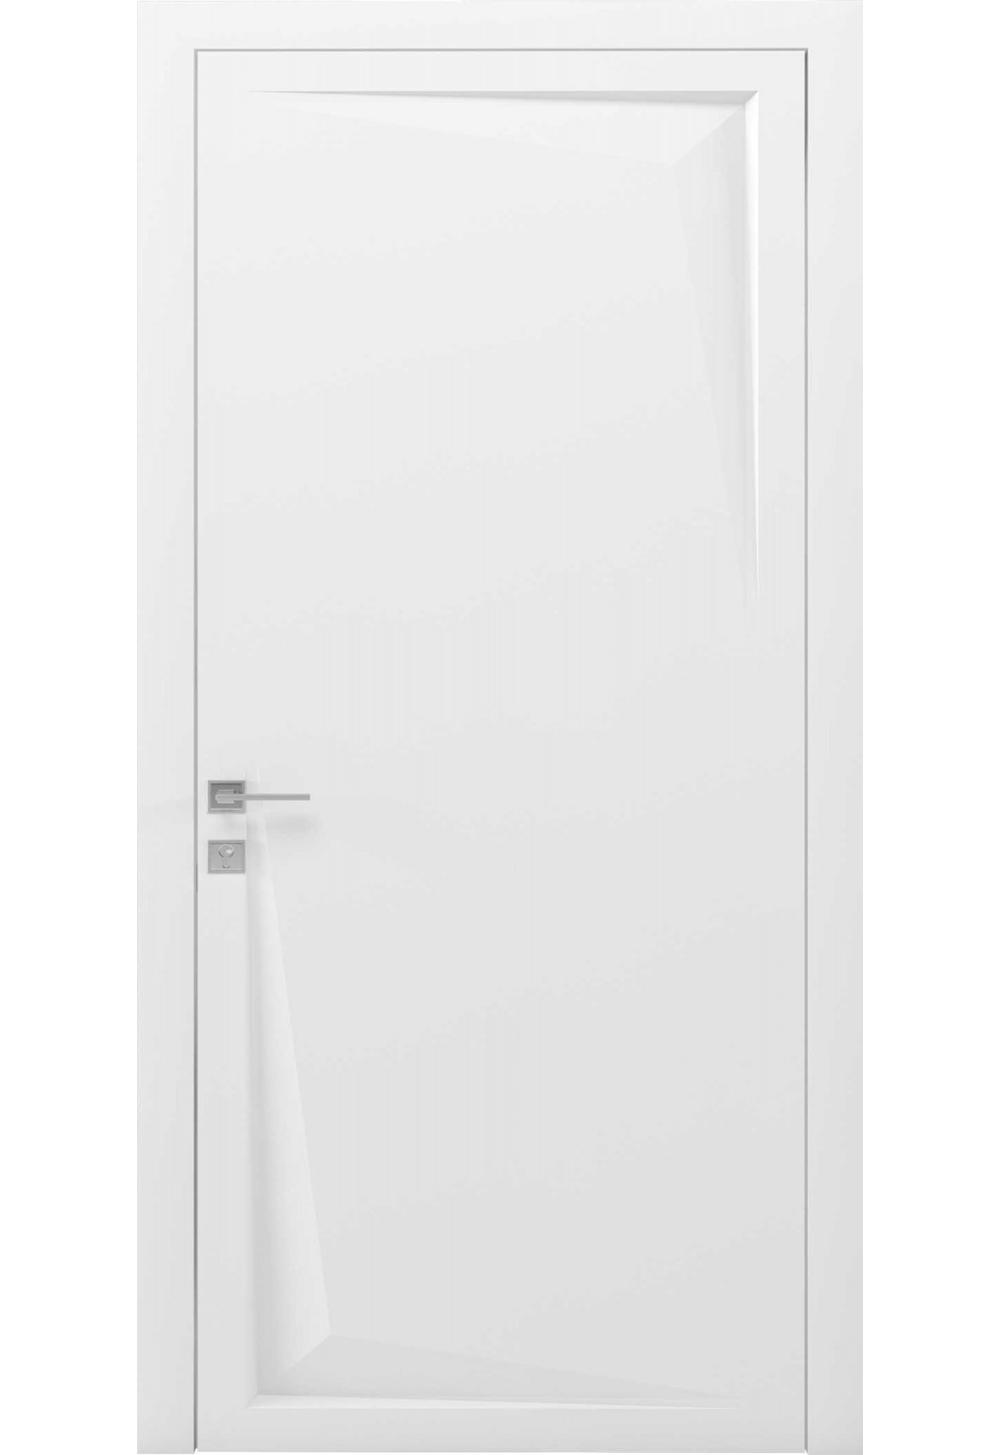 Купити Двері міжкімнатні RODOS LOFT NIKOLETTA /Білий матовий/, 900x2000